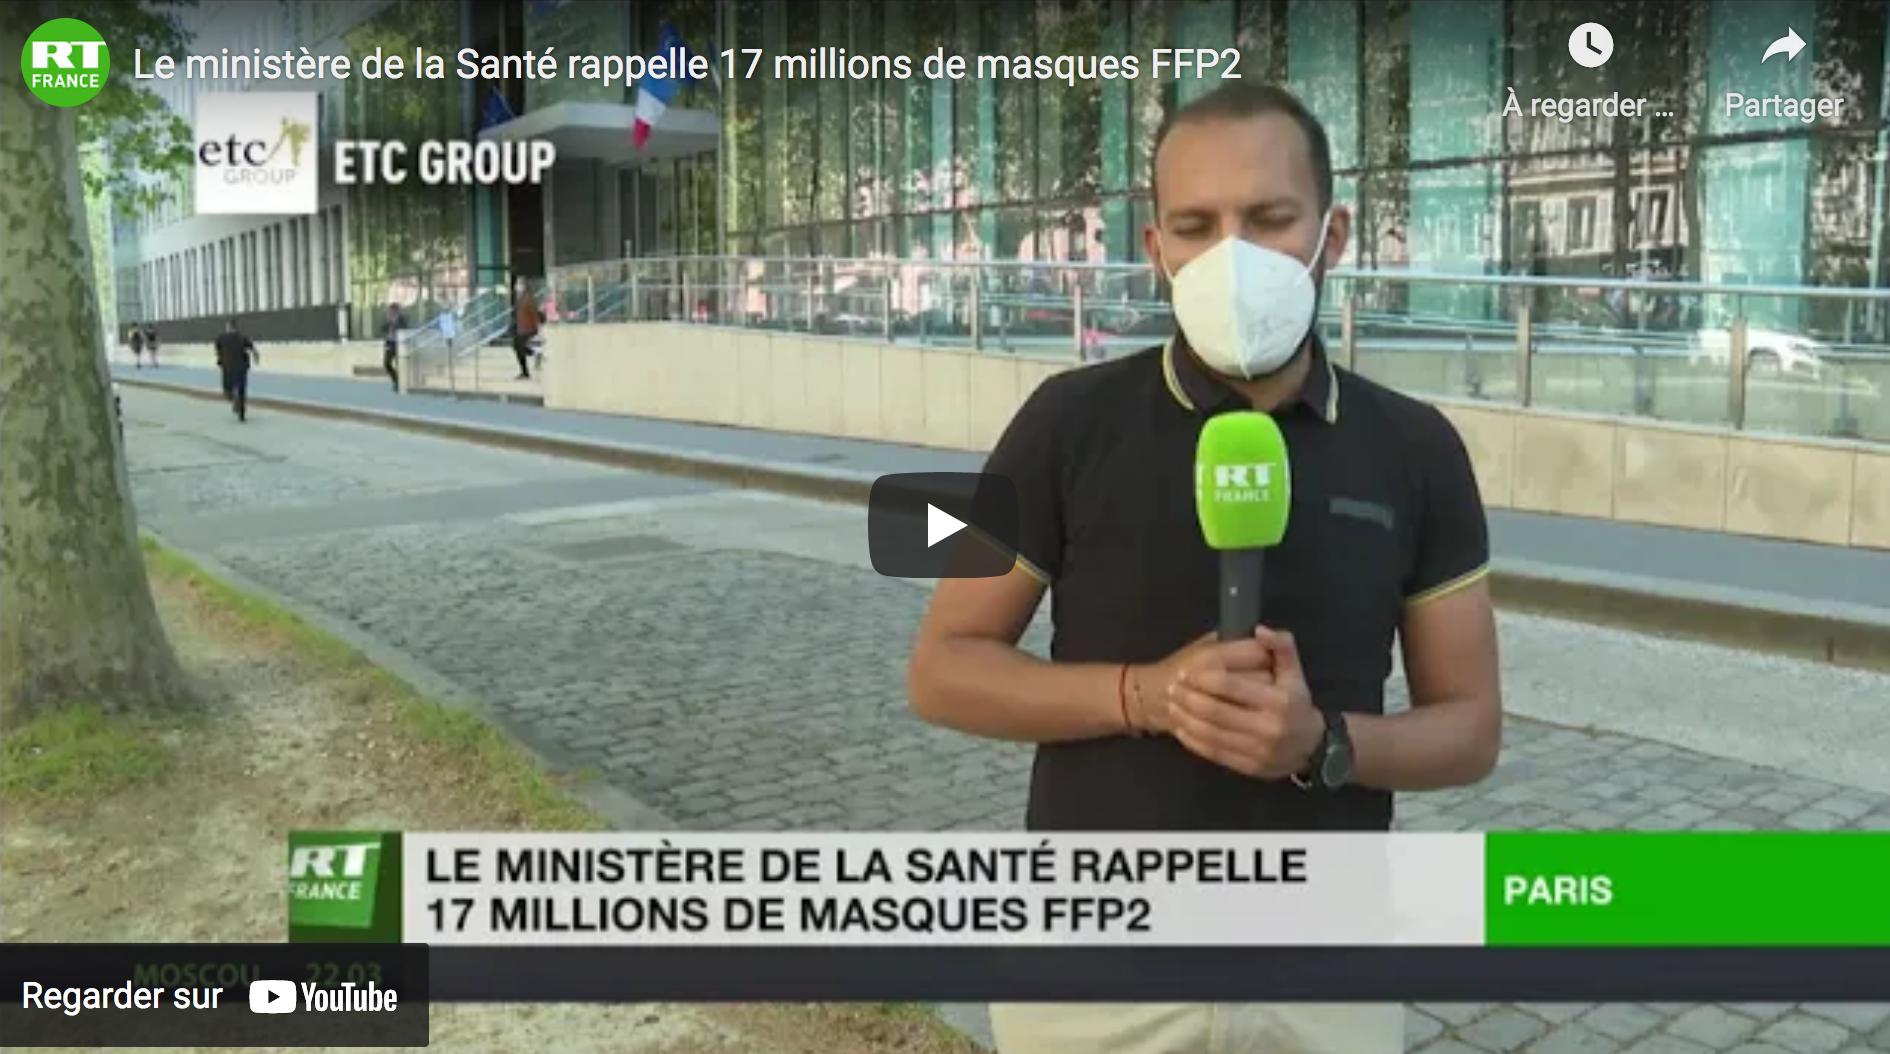 Le ministère de la Santé rappelle 17 millions de masques FFP2